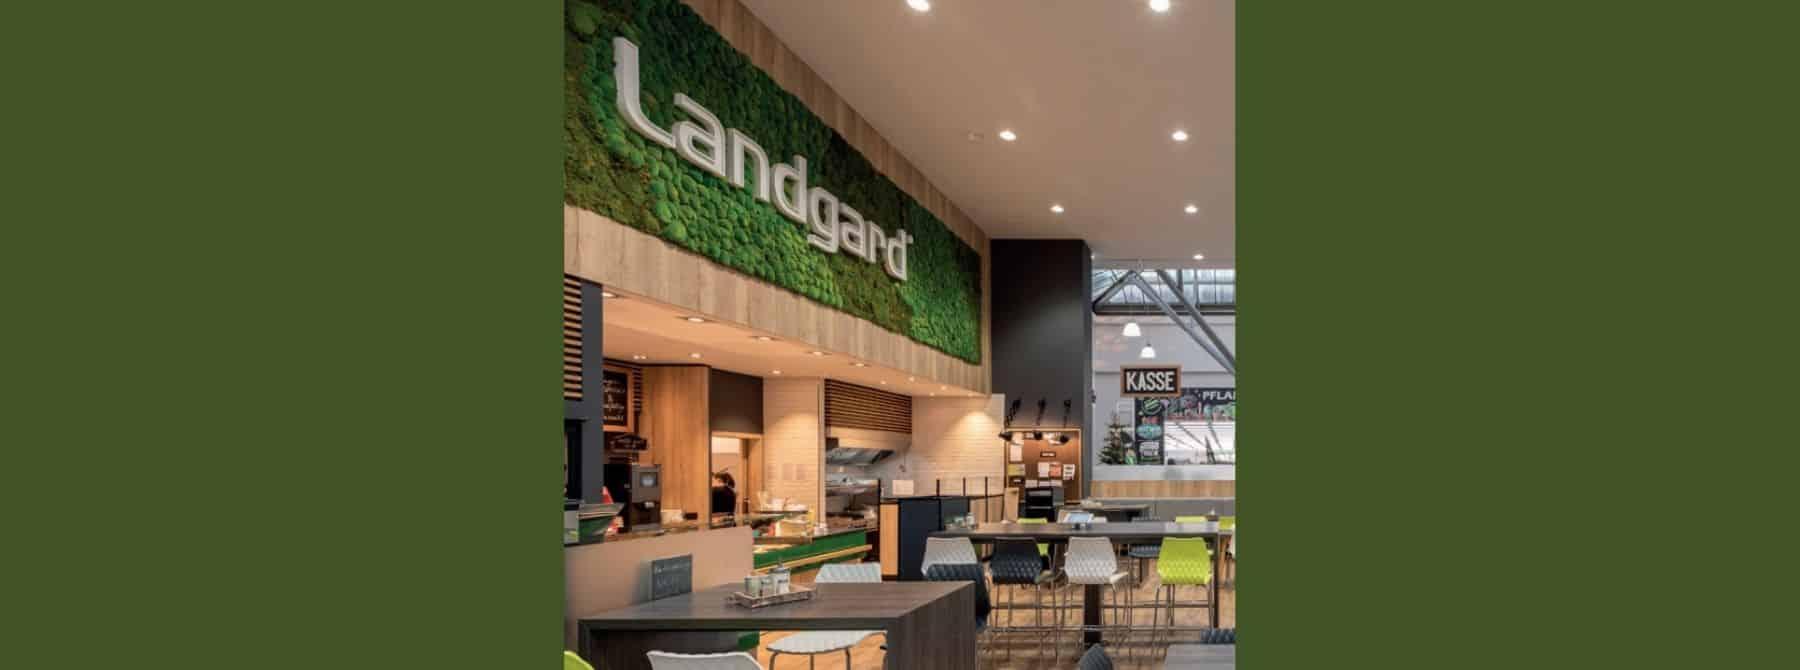 Landgard website 1